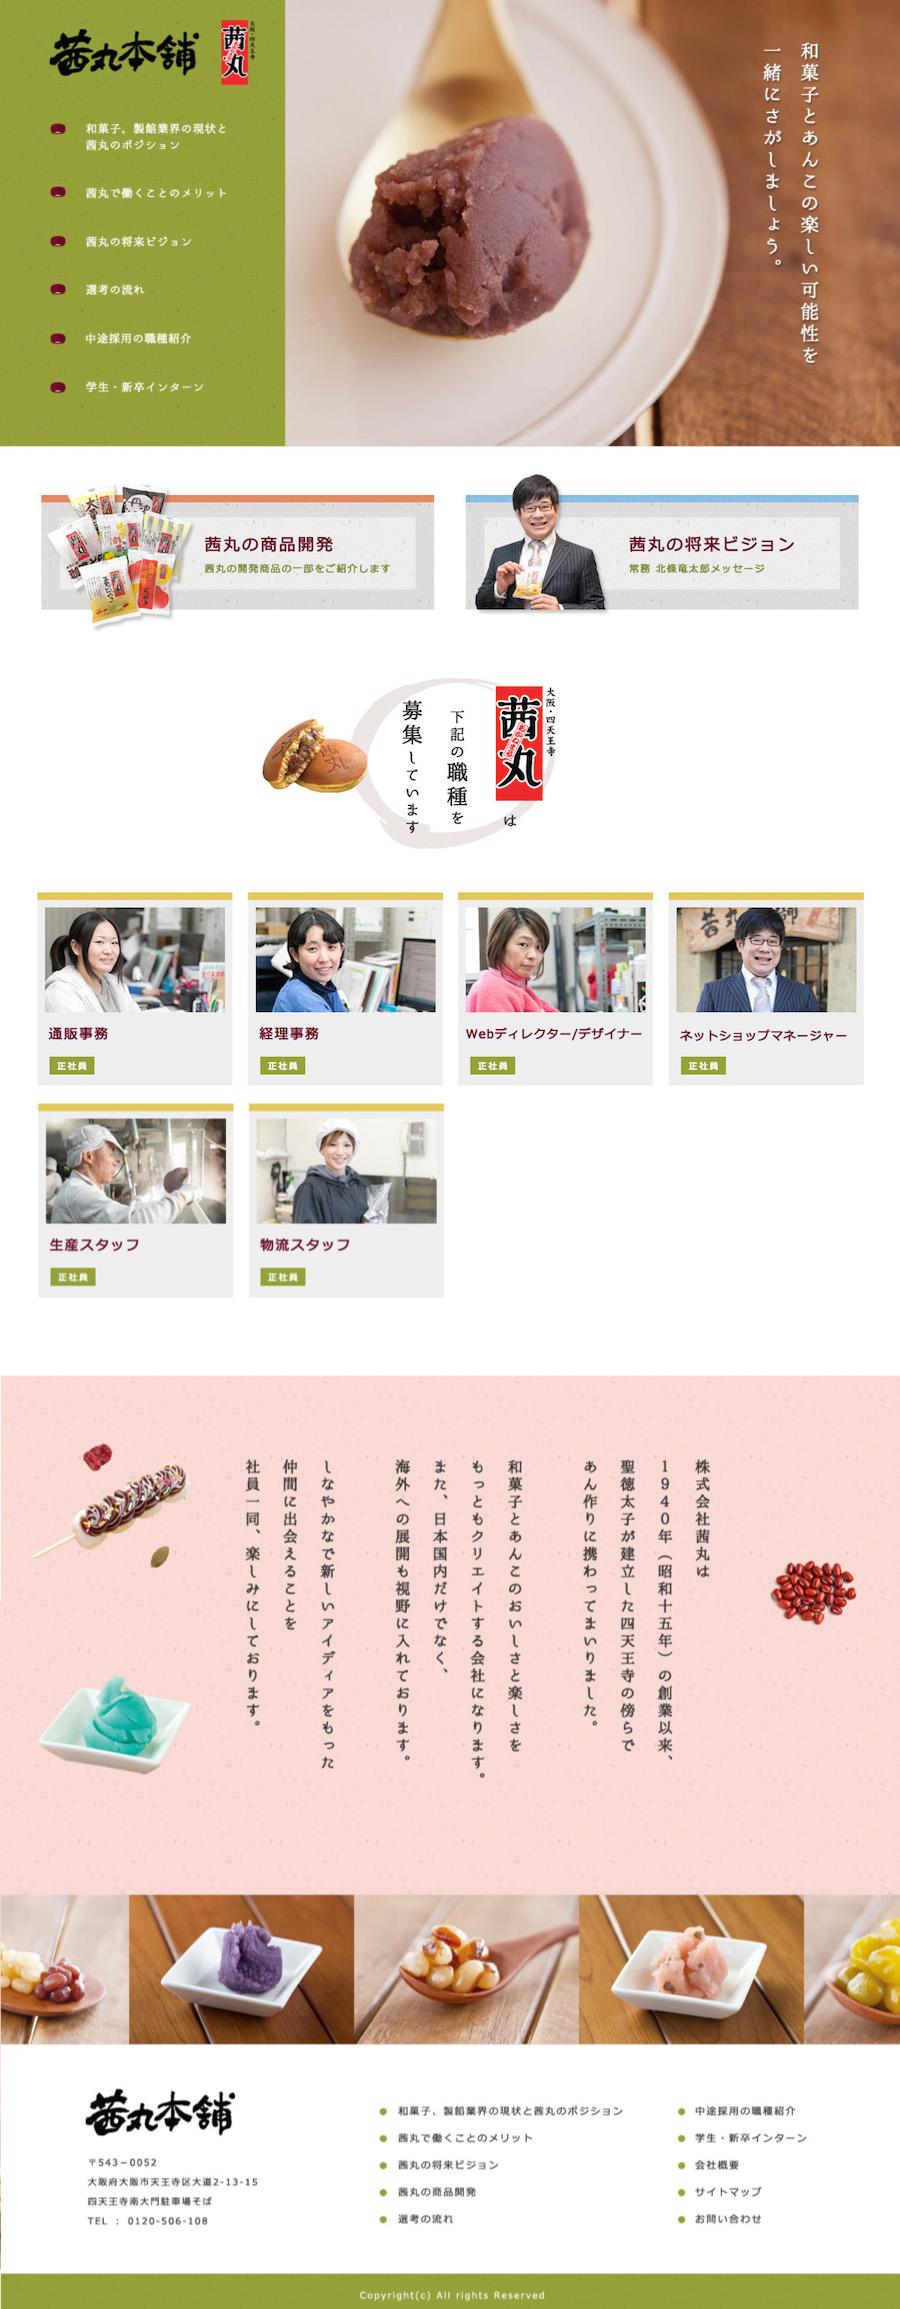 和菓子店様の採用サイト